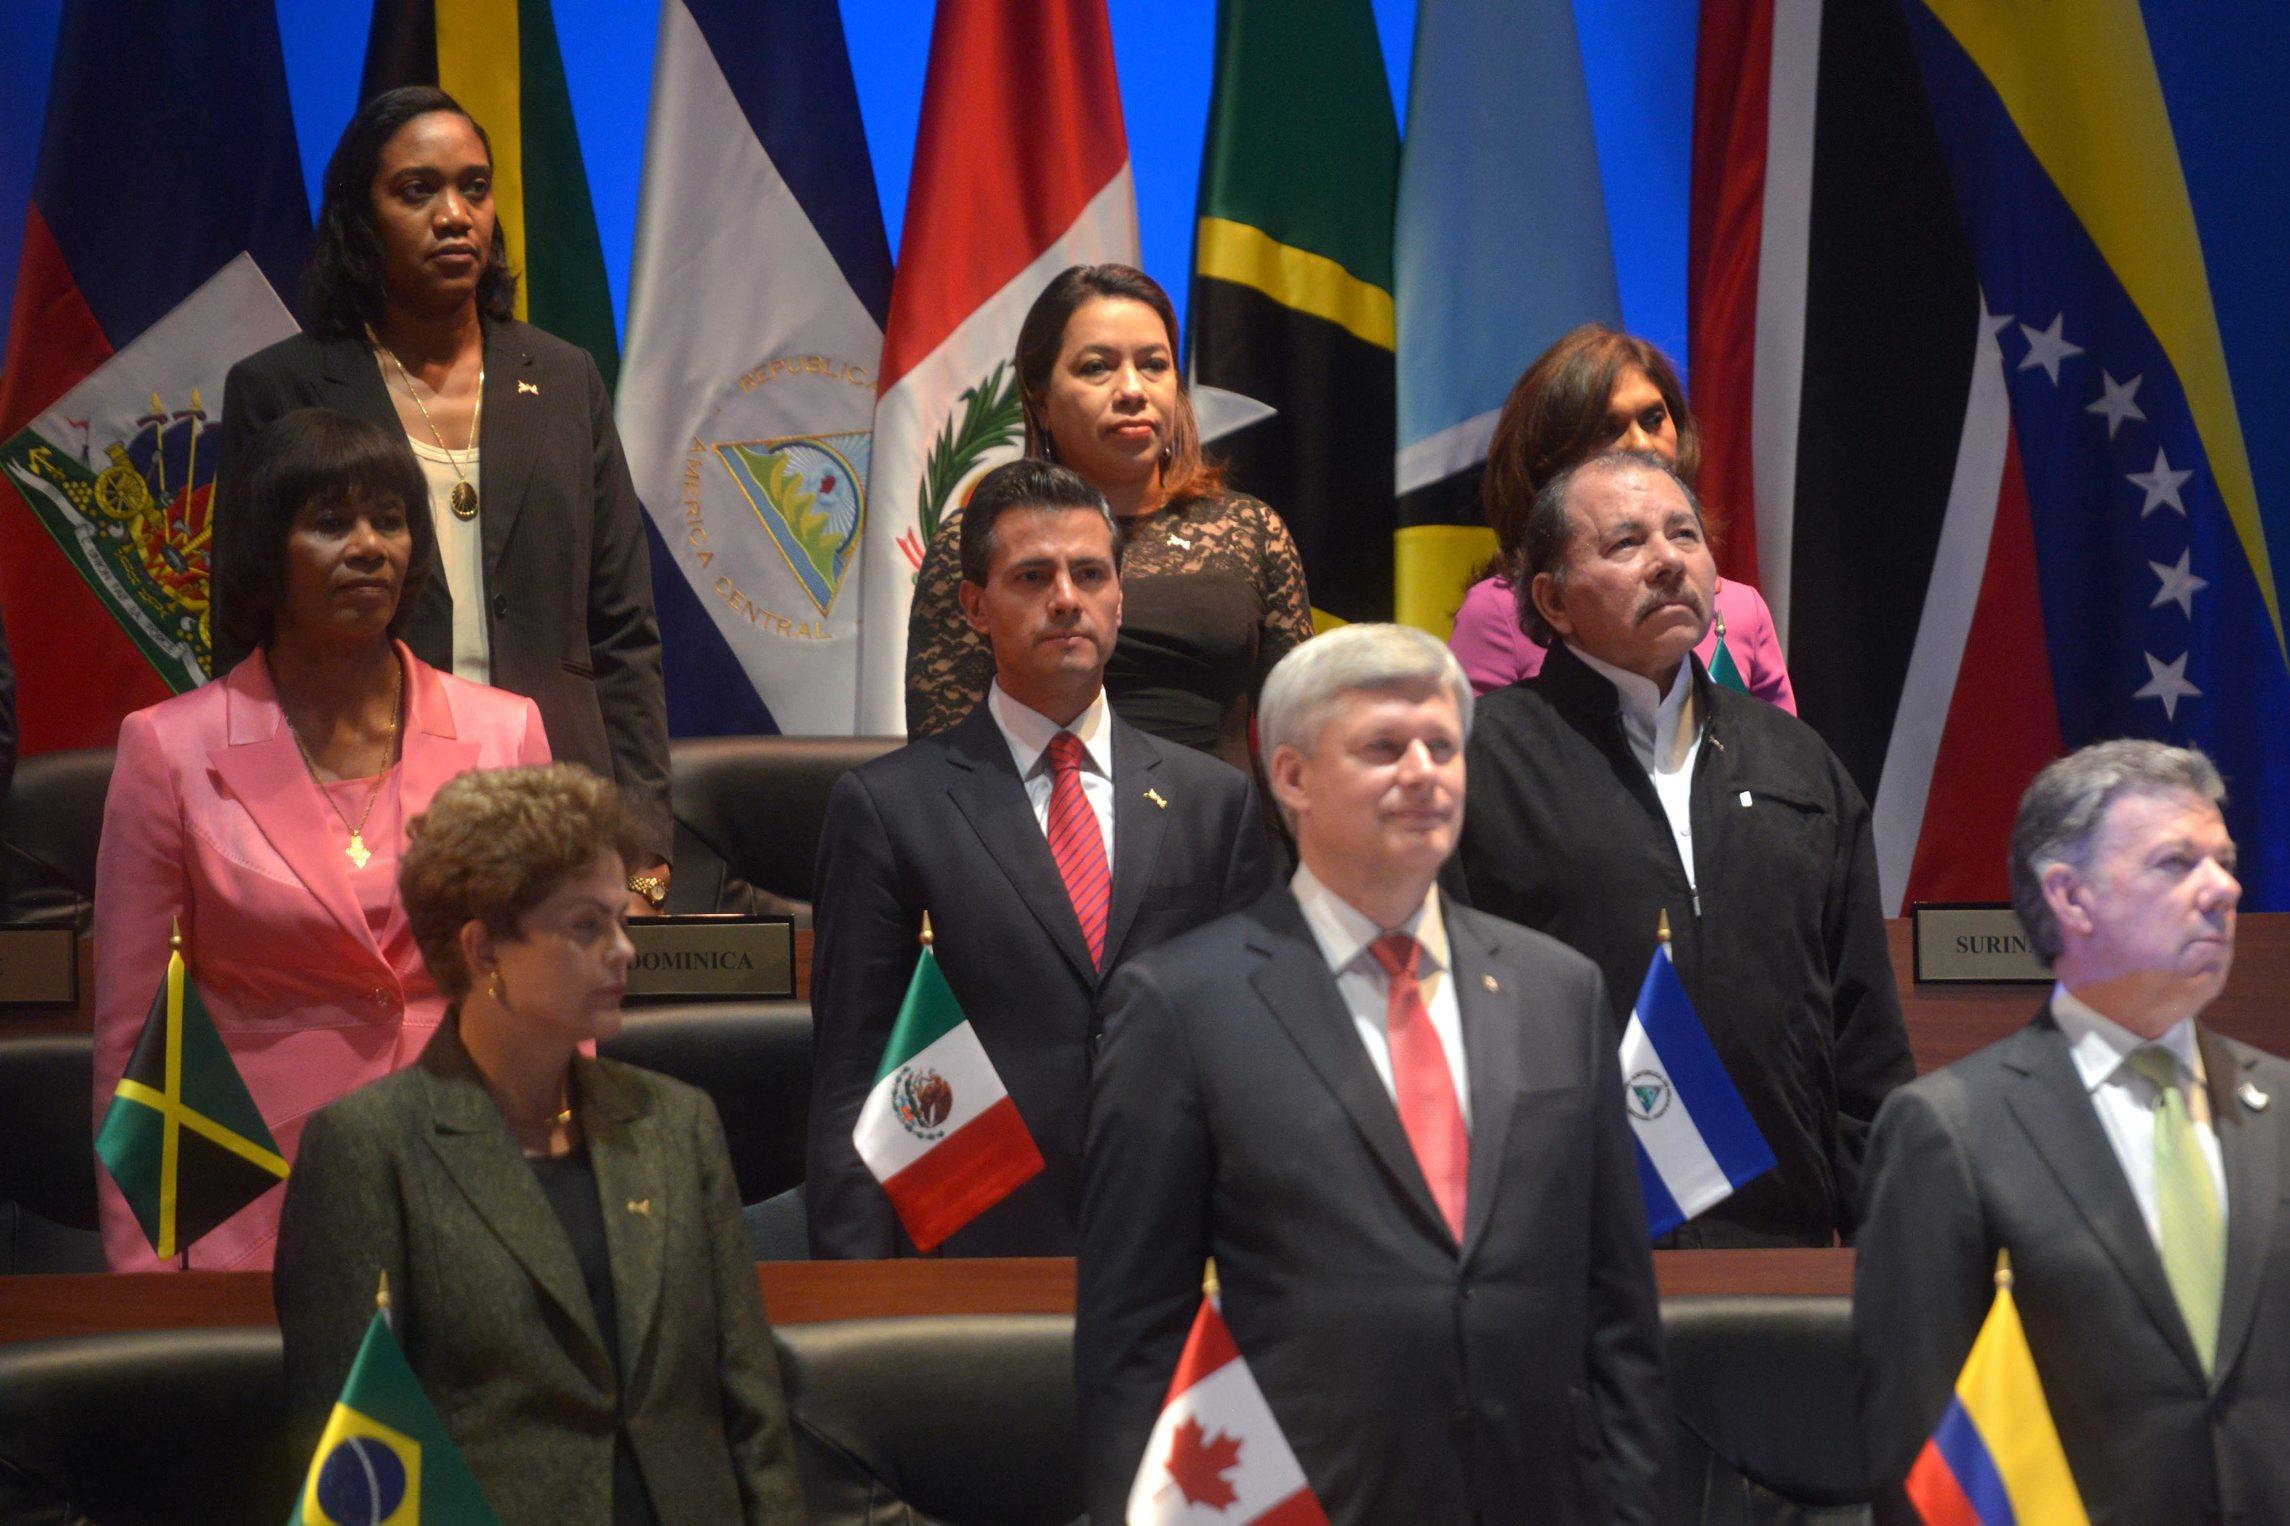 El deterioro político y económico de Brasil, ha convertido a esta economía en un lastre importante para América Latina, aseguró el IIF.